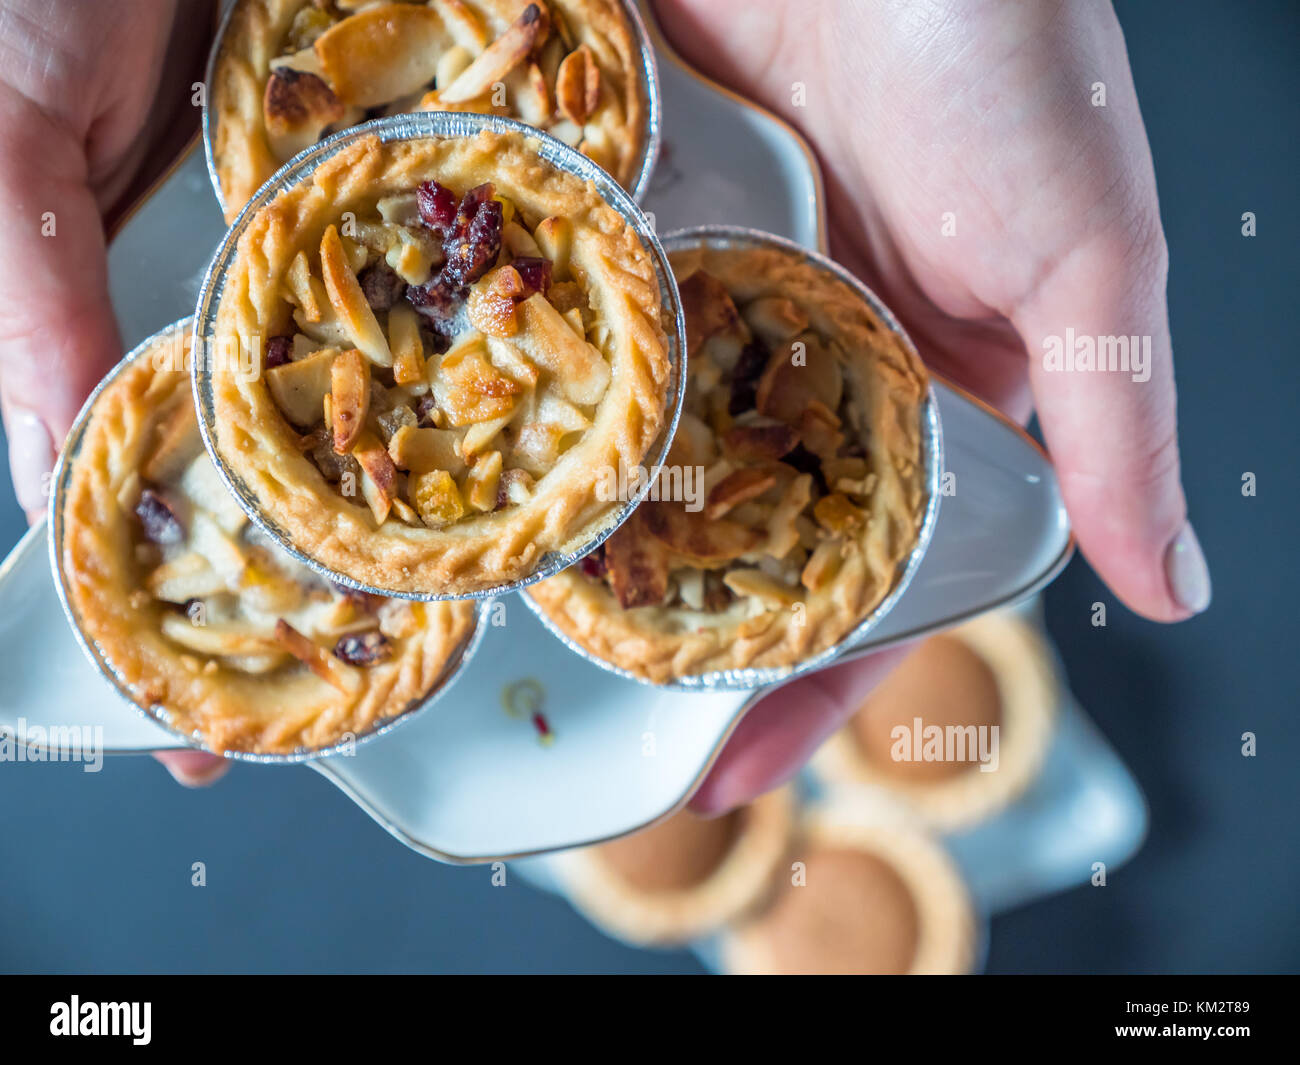 Ansicht von oben weibliche Hand Weihnachten pie Cup Cake von festlichen Stern Platte mince auf dunklem Hintergrund. Stockbild